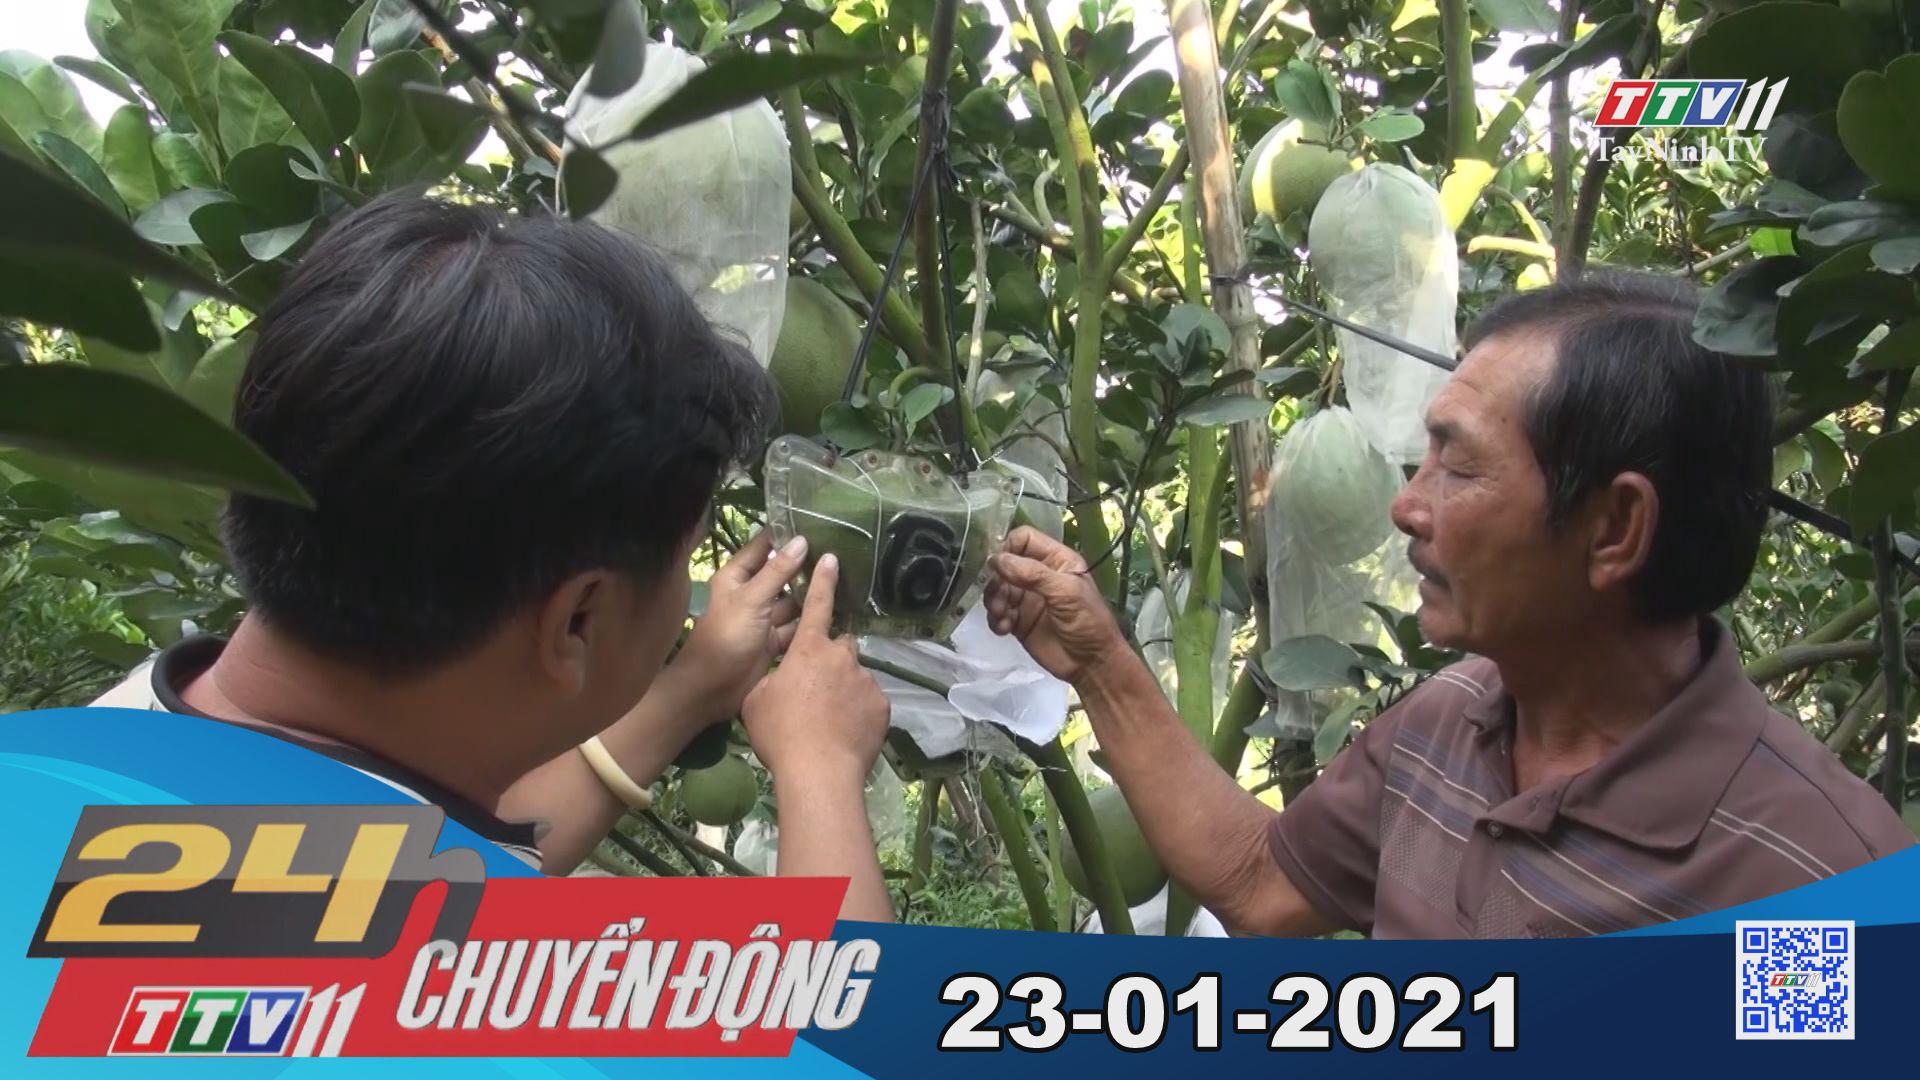 24h Chuyển động 23-01-2021 | Tin tức hôm nay | TayNinhTV